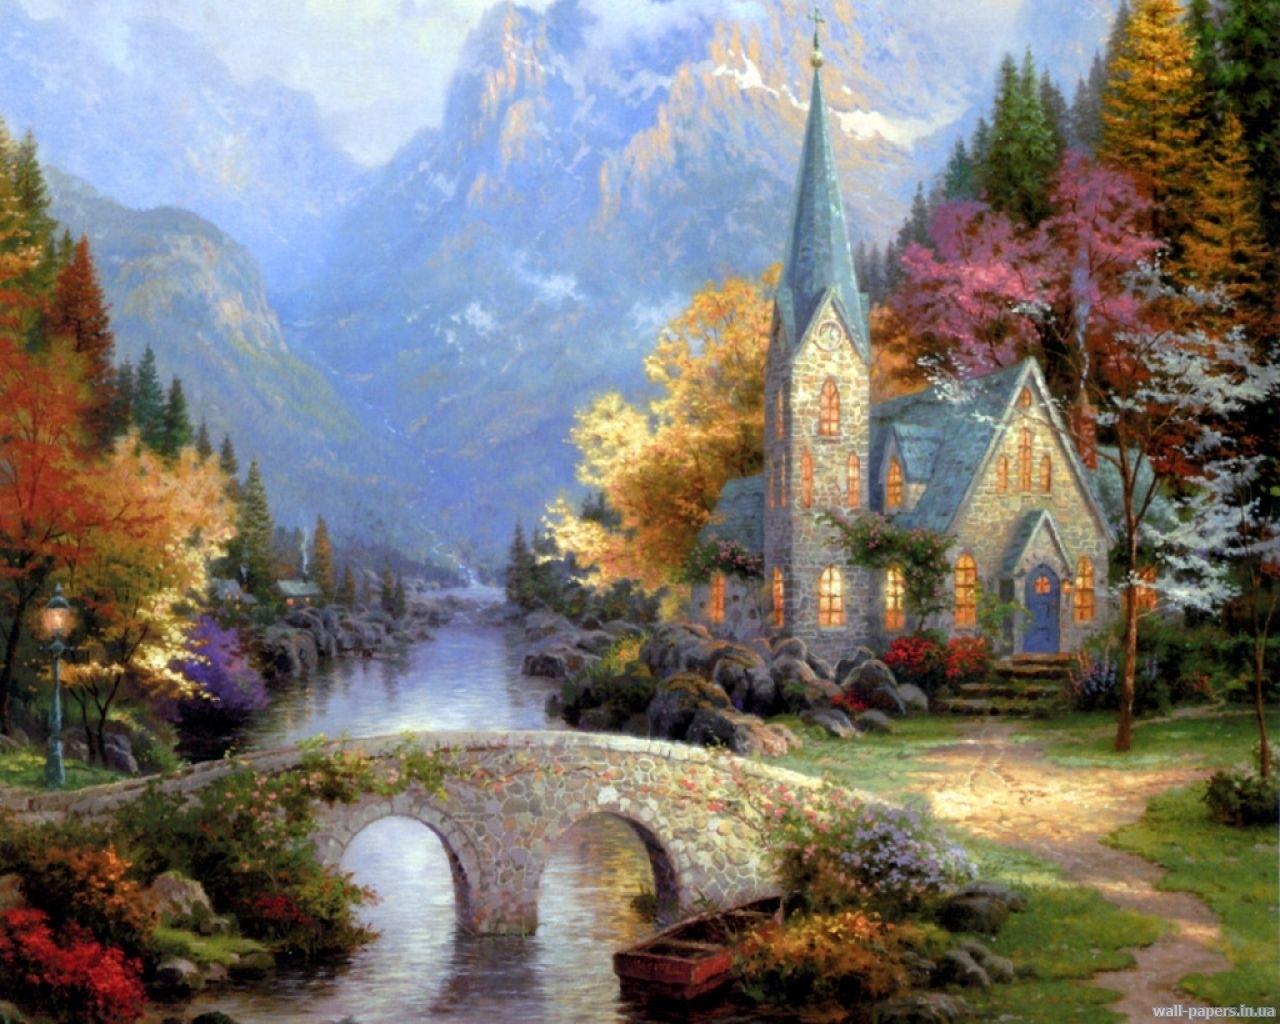 Скачать картинку Пейзаж, Дома, Мосты, Деревья, Река, Осень в телефон бесплатно.